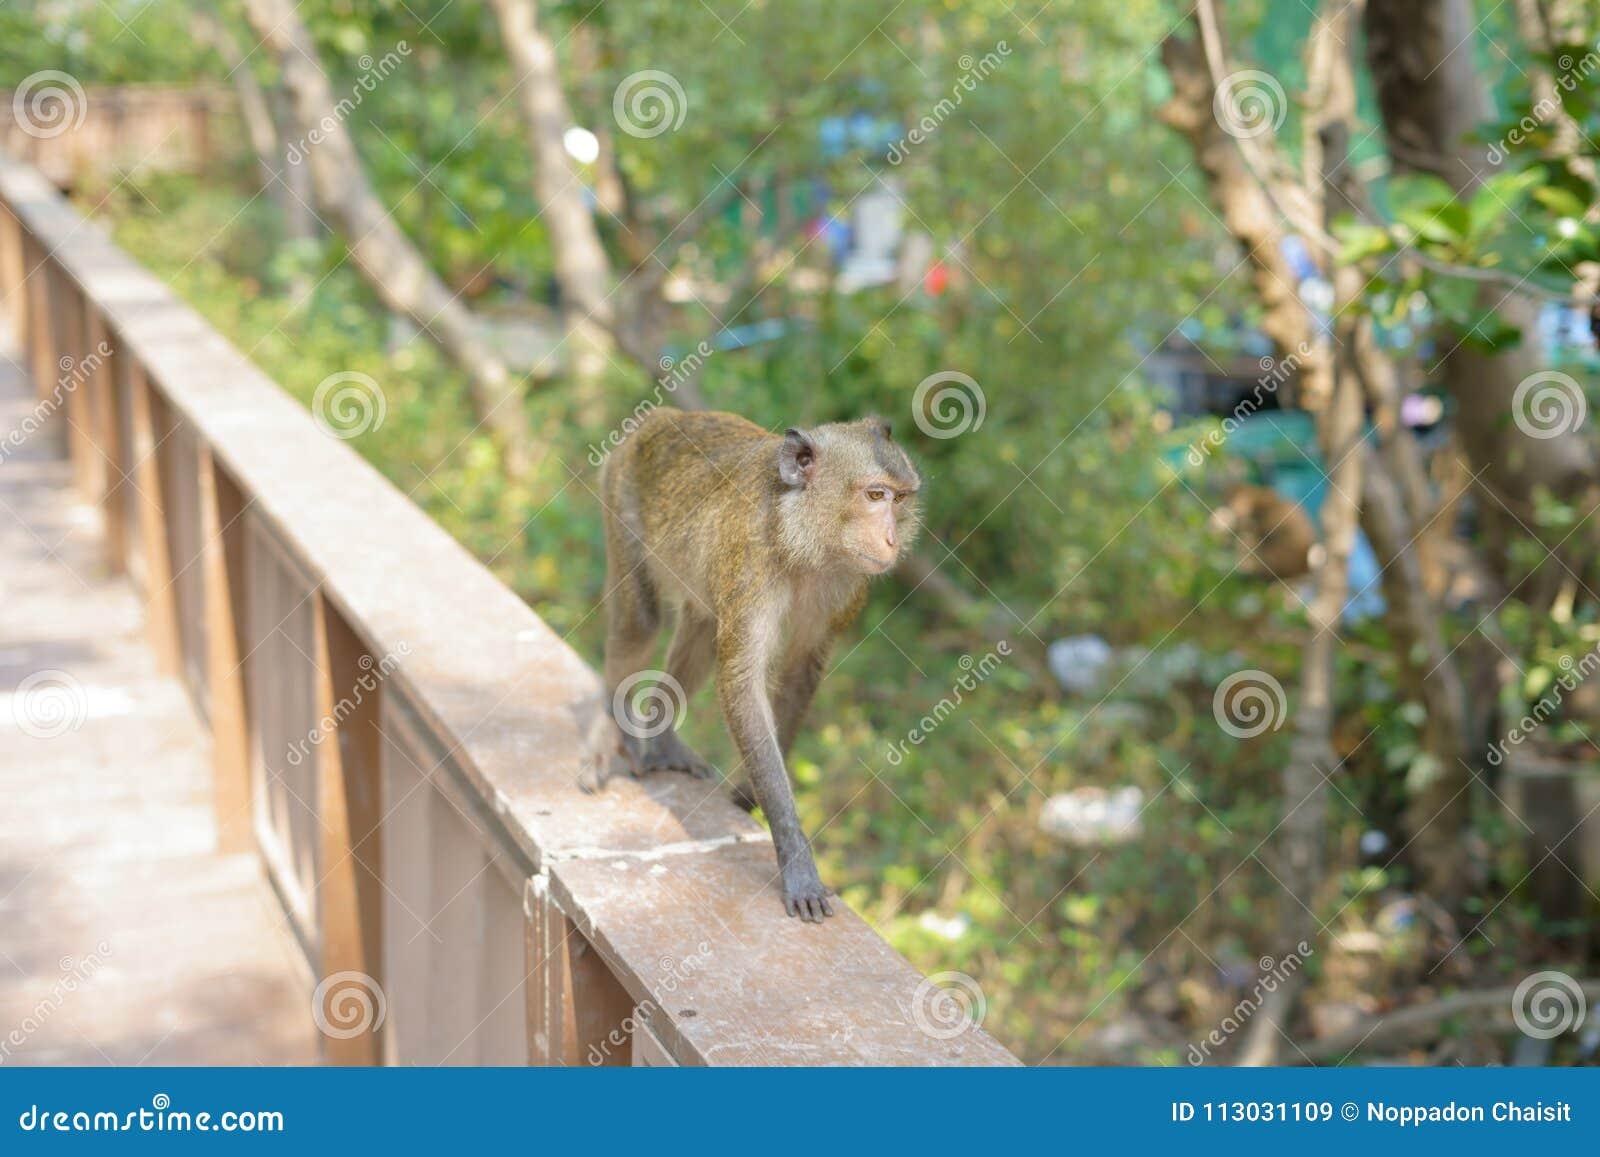 El mono está buscando algo